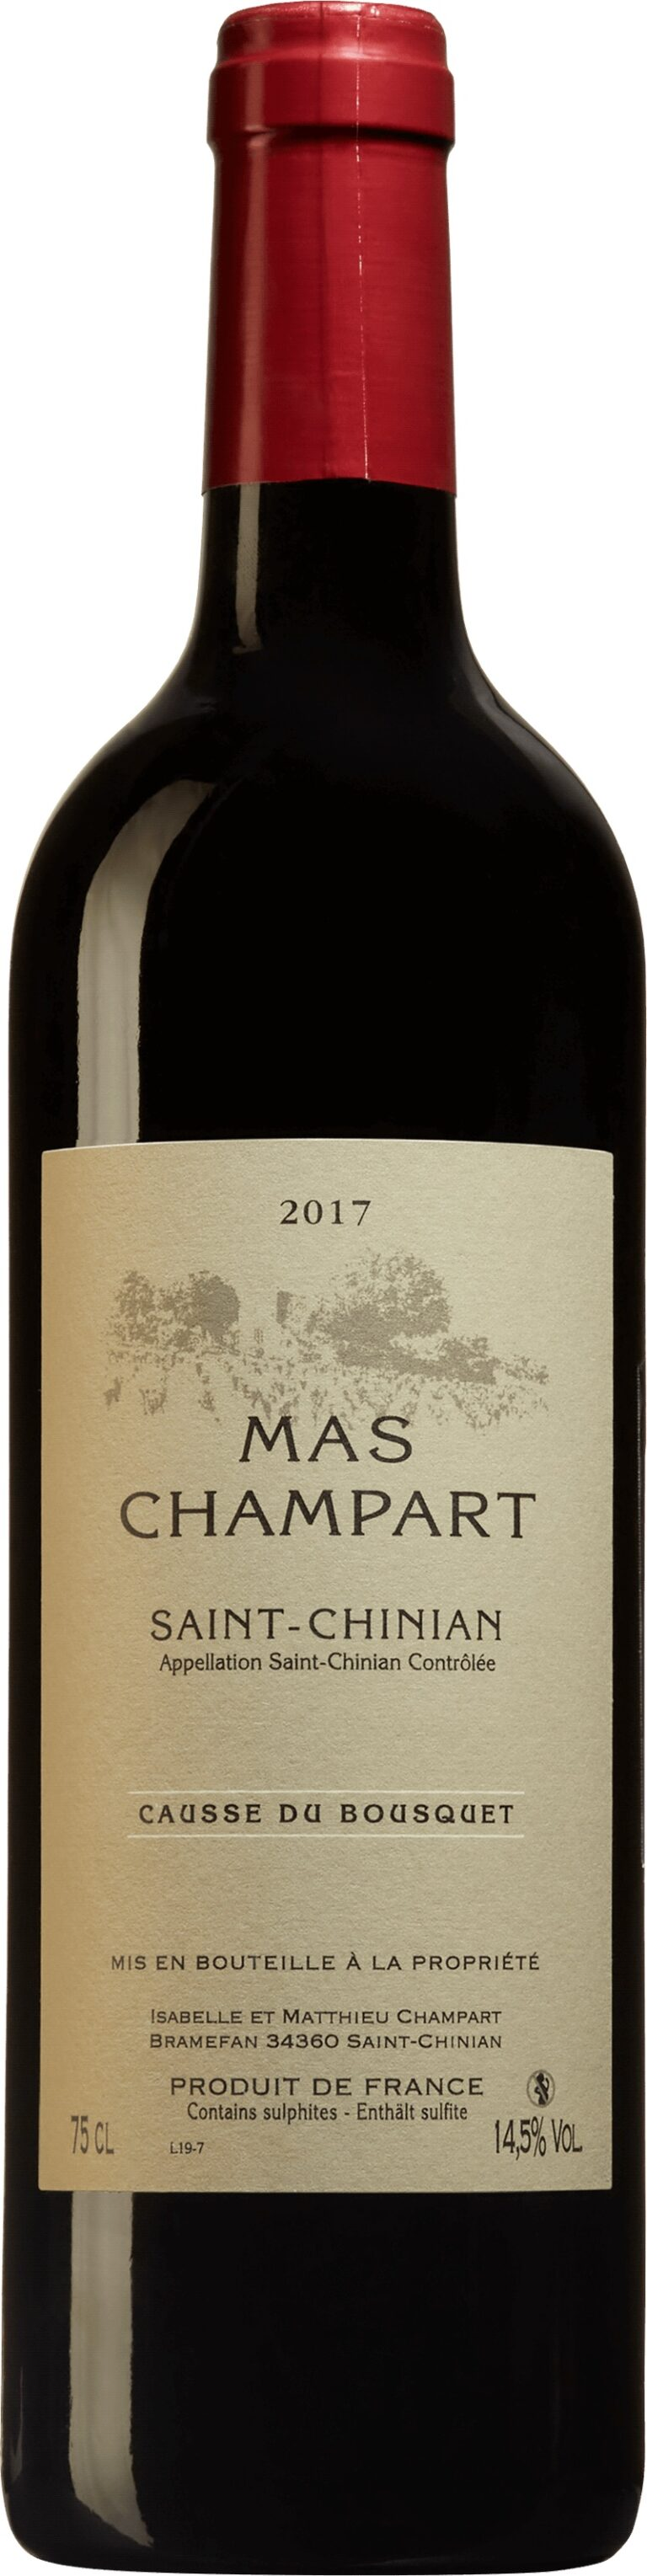 93488 Causse du Bousquet 2017 från Mas Champart